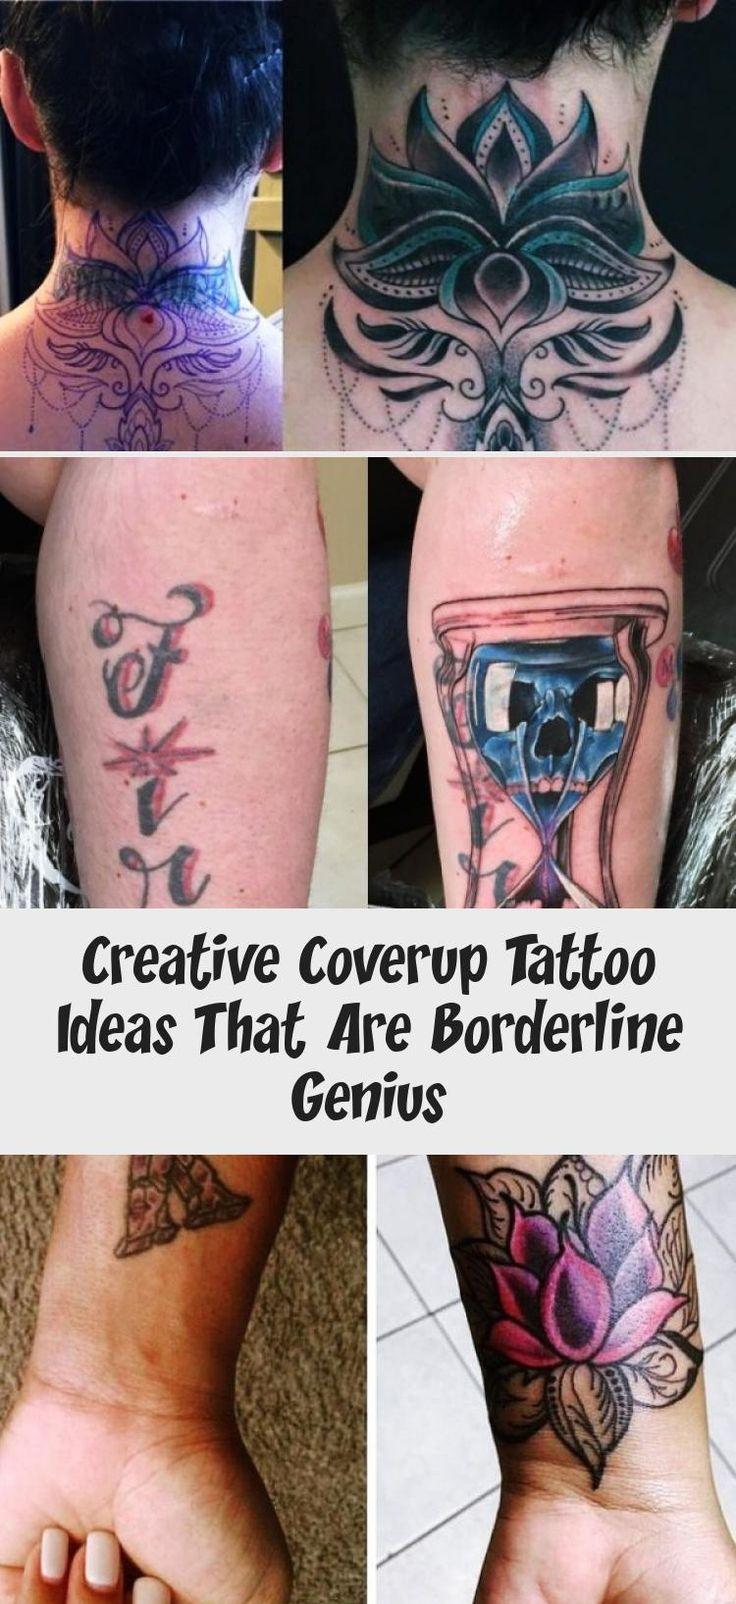 Creative coverup tattoo ideas that are borderline genius